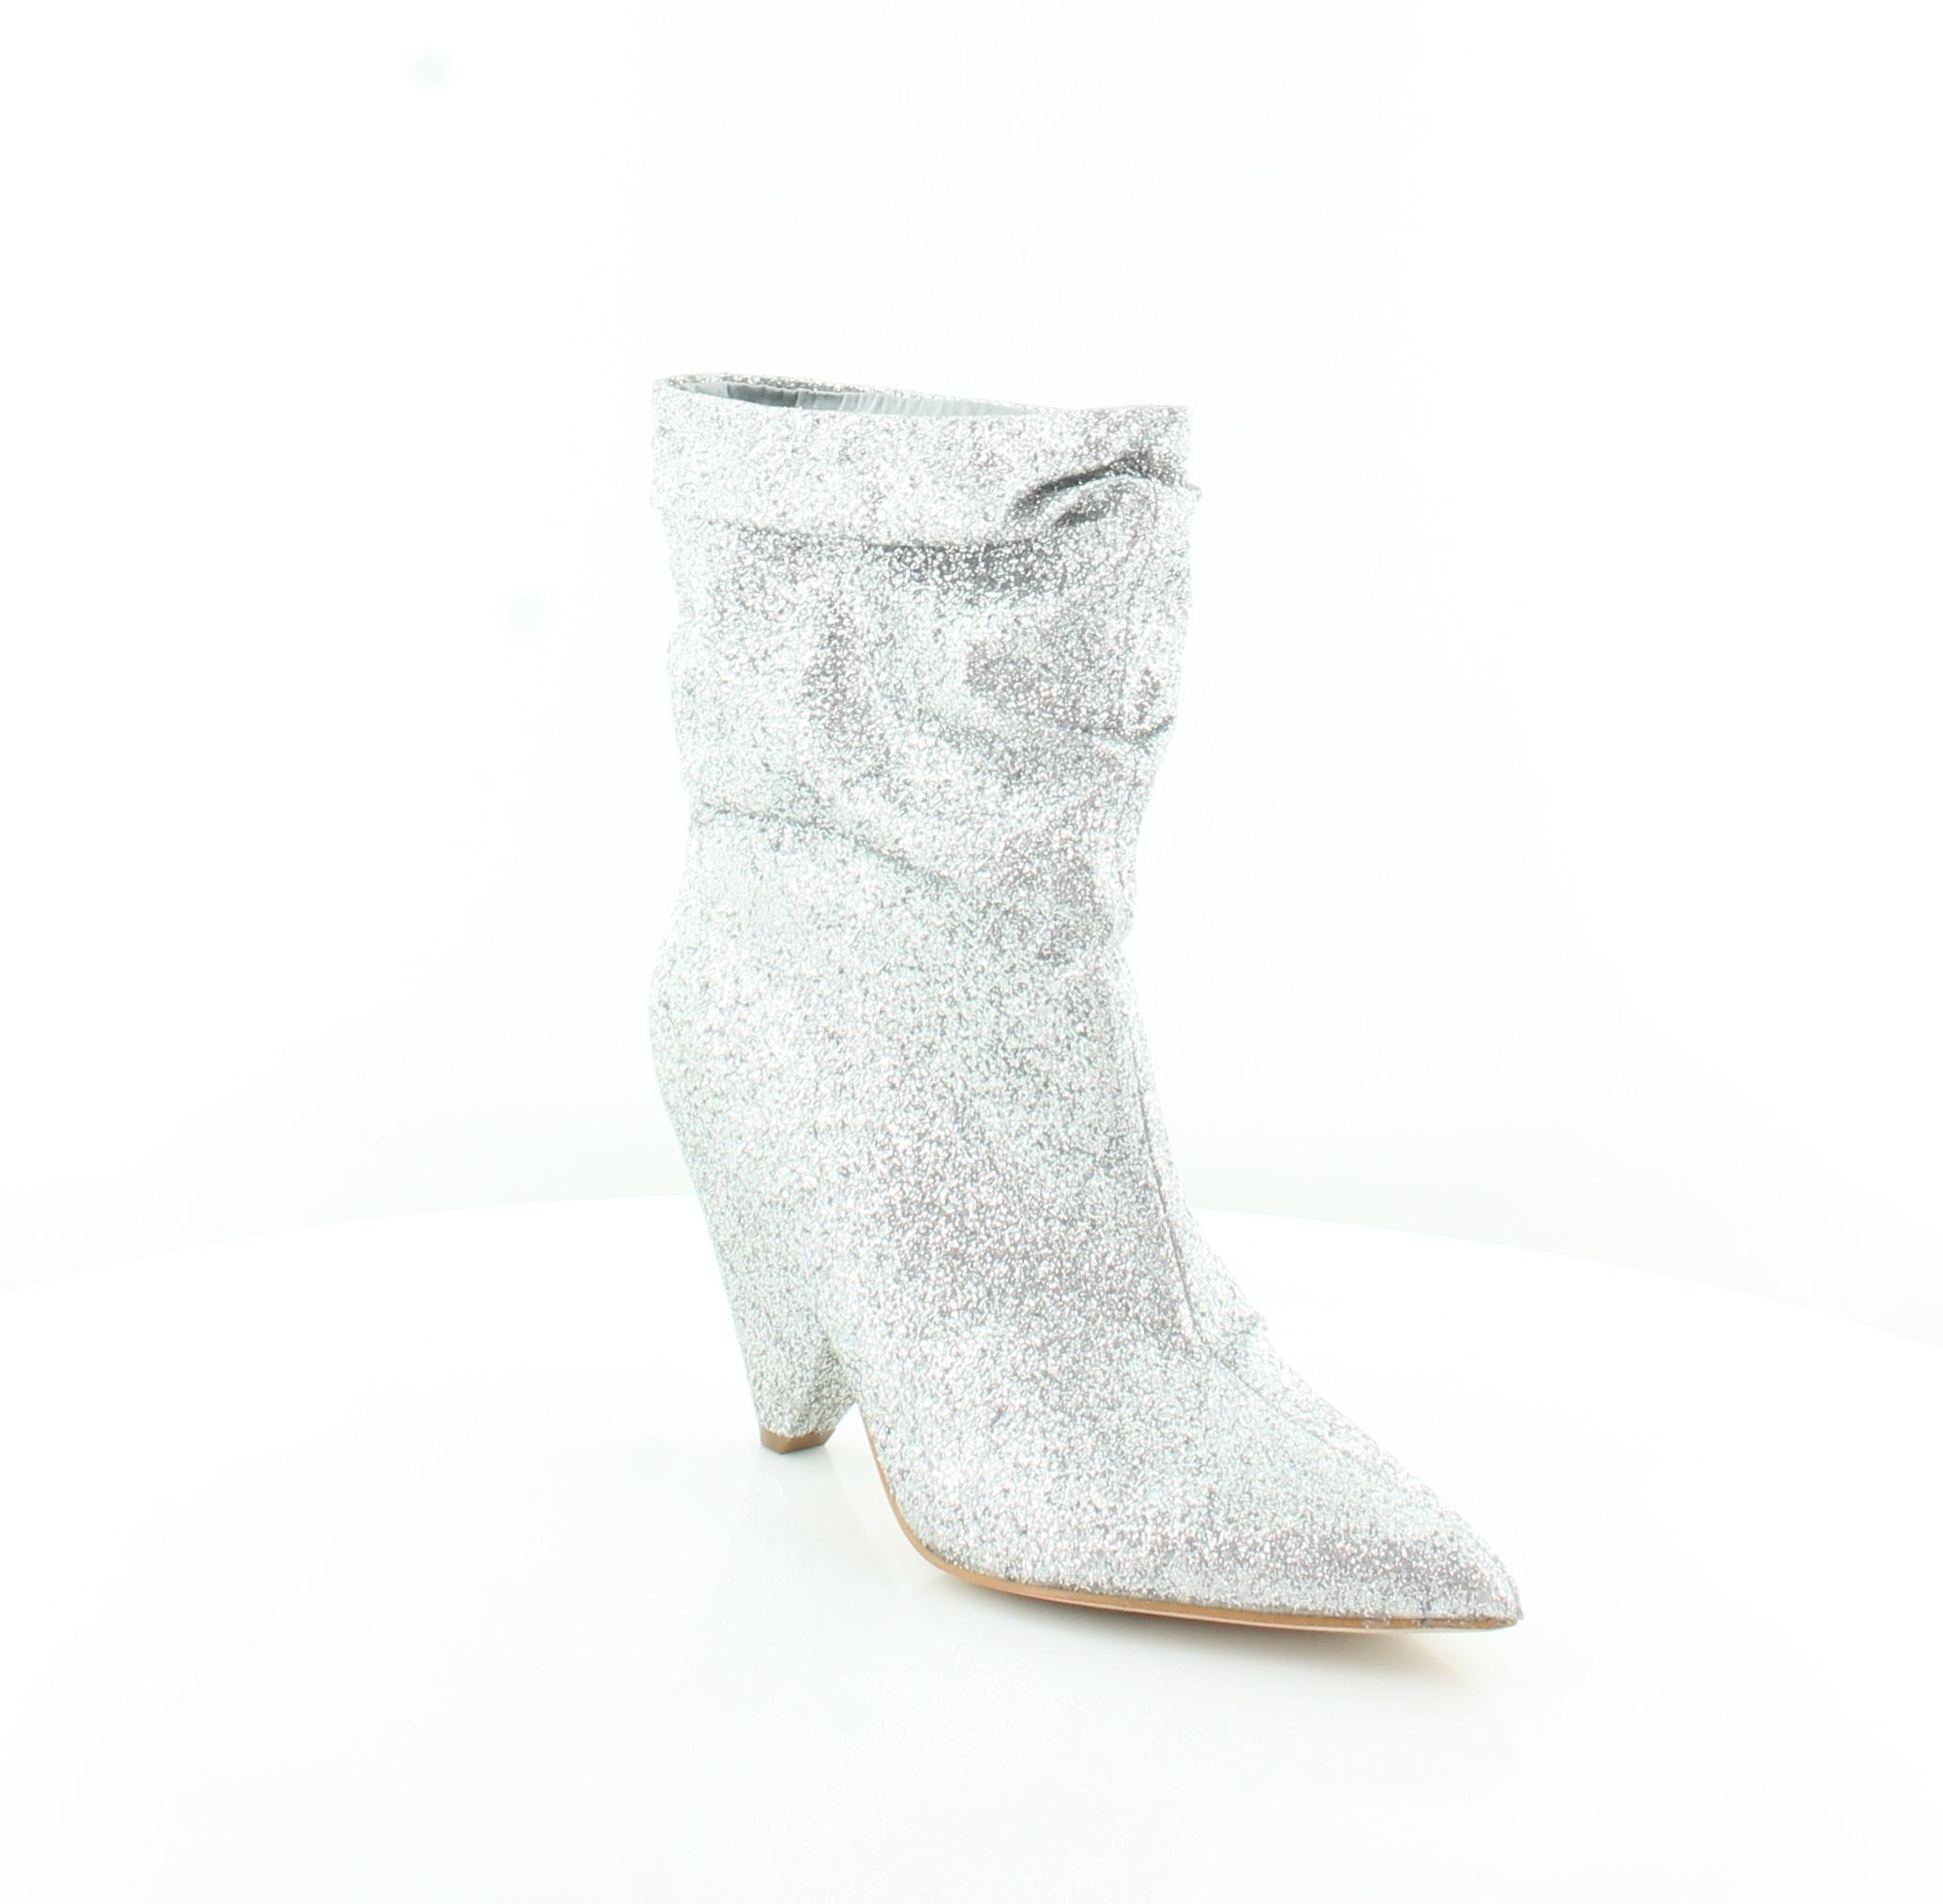 Guess Nakitta Silber damen schuhe Größe 7.5 M Stiefel Stiefel Stiefel MSRP  99 92624c